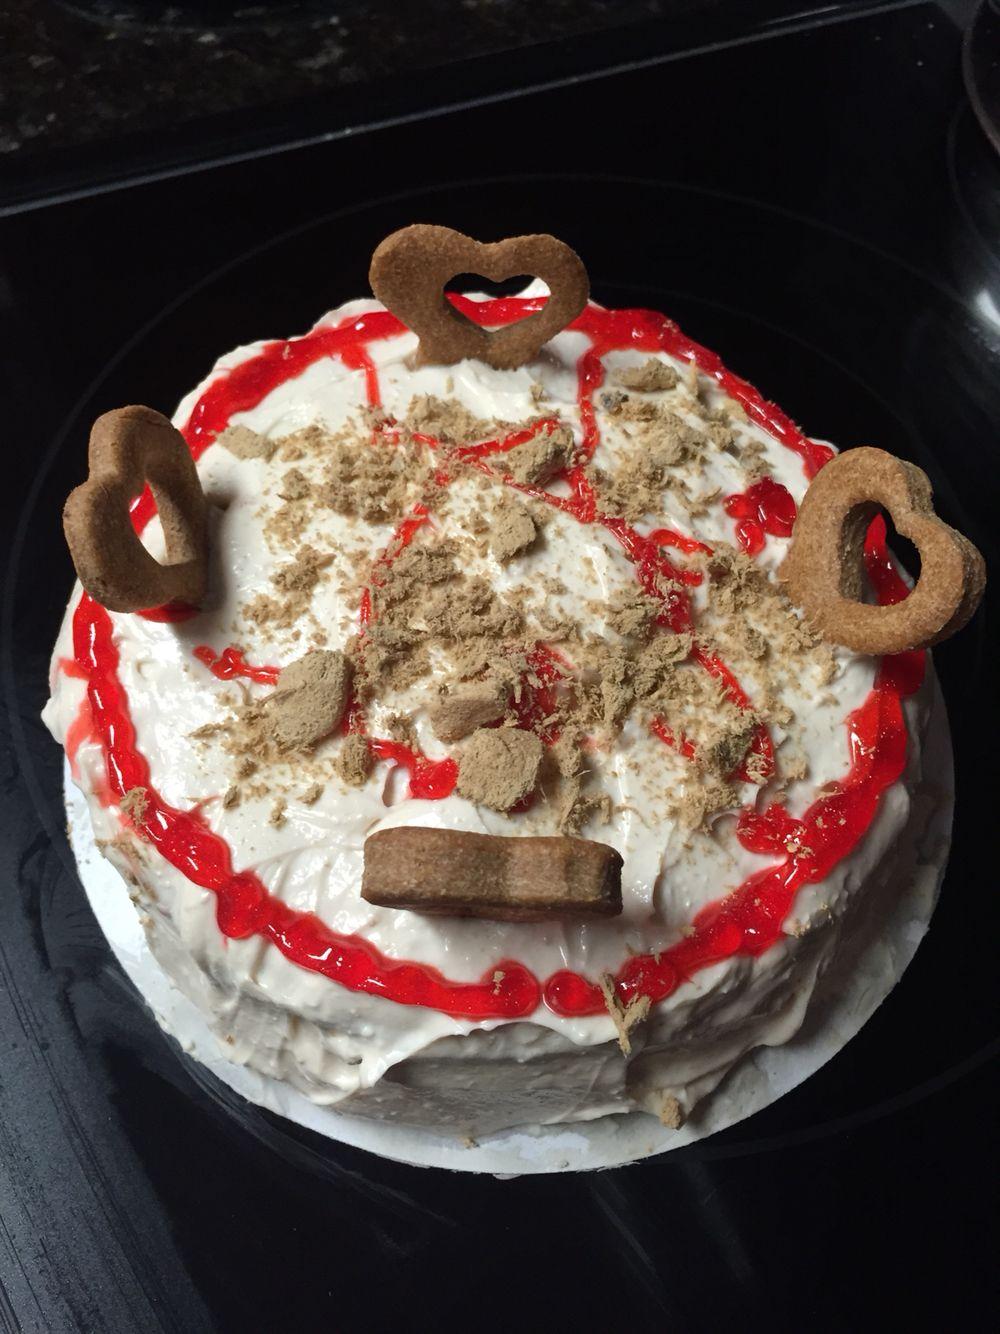 Doggie birthday cakemade with dog friendly cake mix by